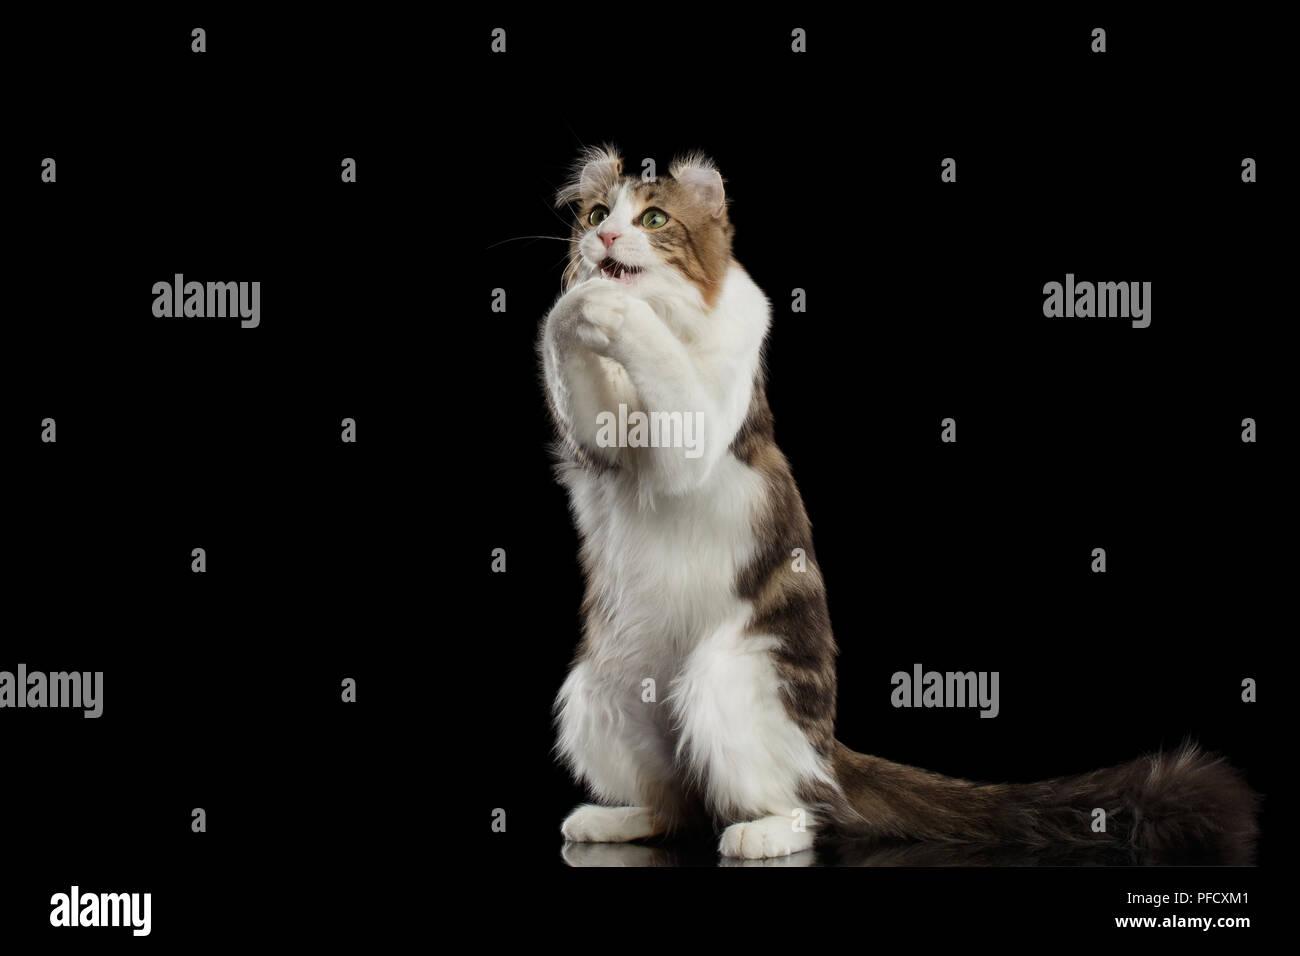 Gracioso rizo americano raza de gato con orejas torcidas, de pie sobre las patas traseras y atrapar a sus zarpas como orar delante del fondo aislado negro Foto de stock